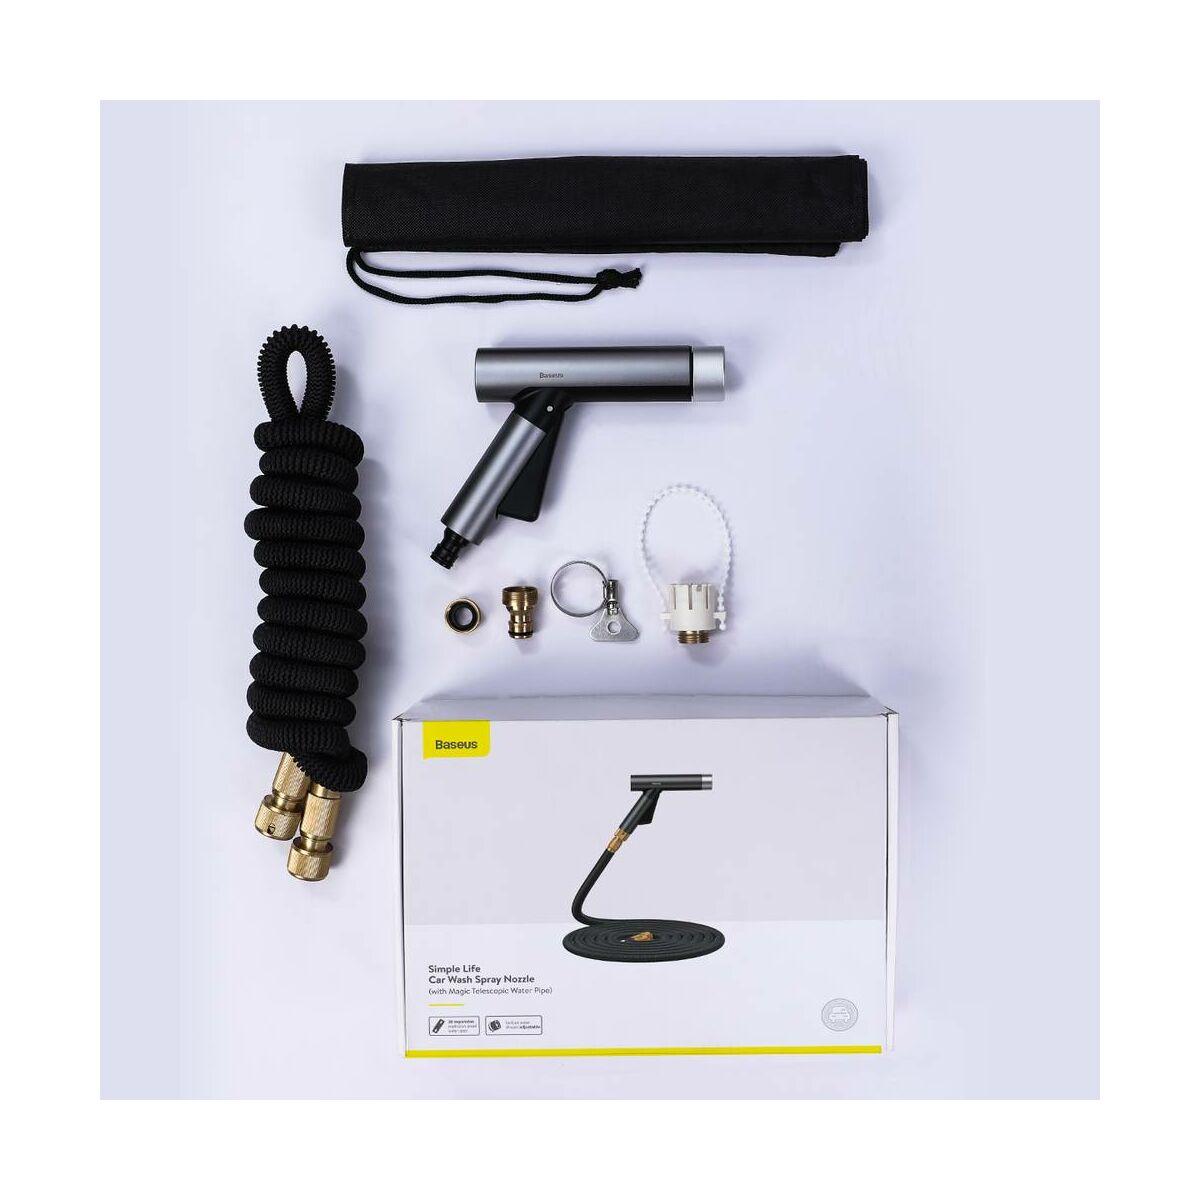 Baseus autós kiegészítő, autómosó permetező fej (Magic teleszkópos csővel) 7.5m locsolótömlő, fekete (CRXC01-A01)